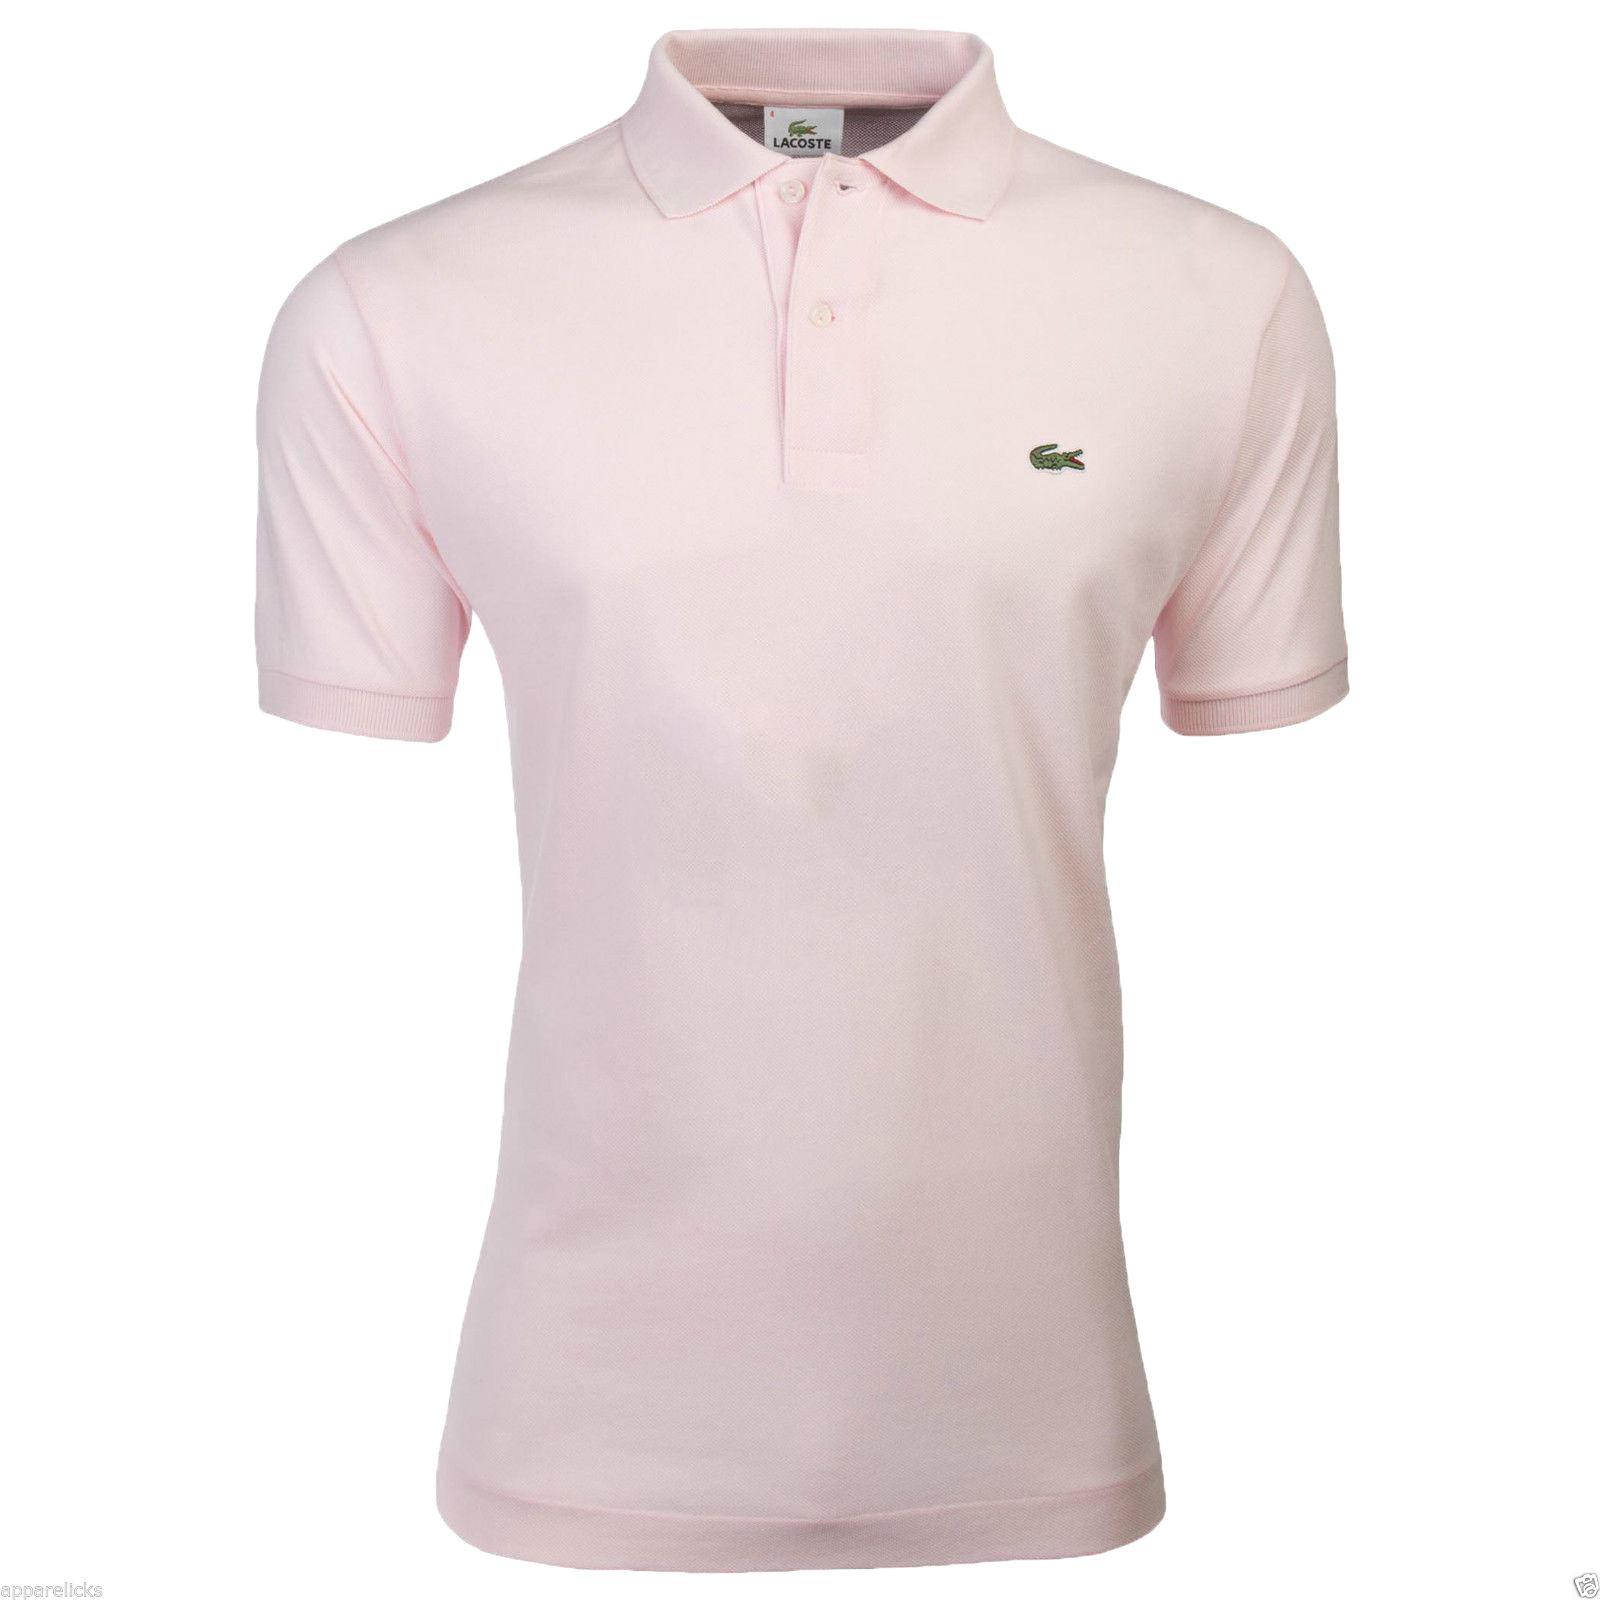 Men's Shirt L1212 Lacoste All Polo Cotton Classic Colours Fit lFTK1cJ